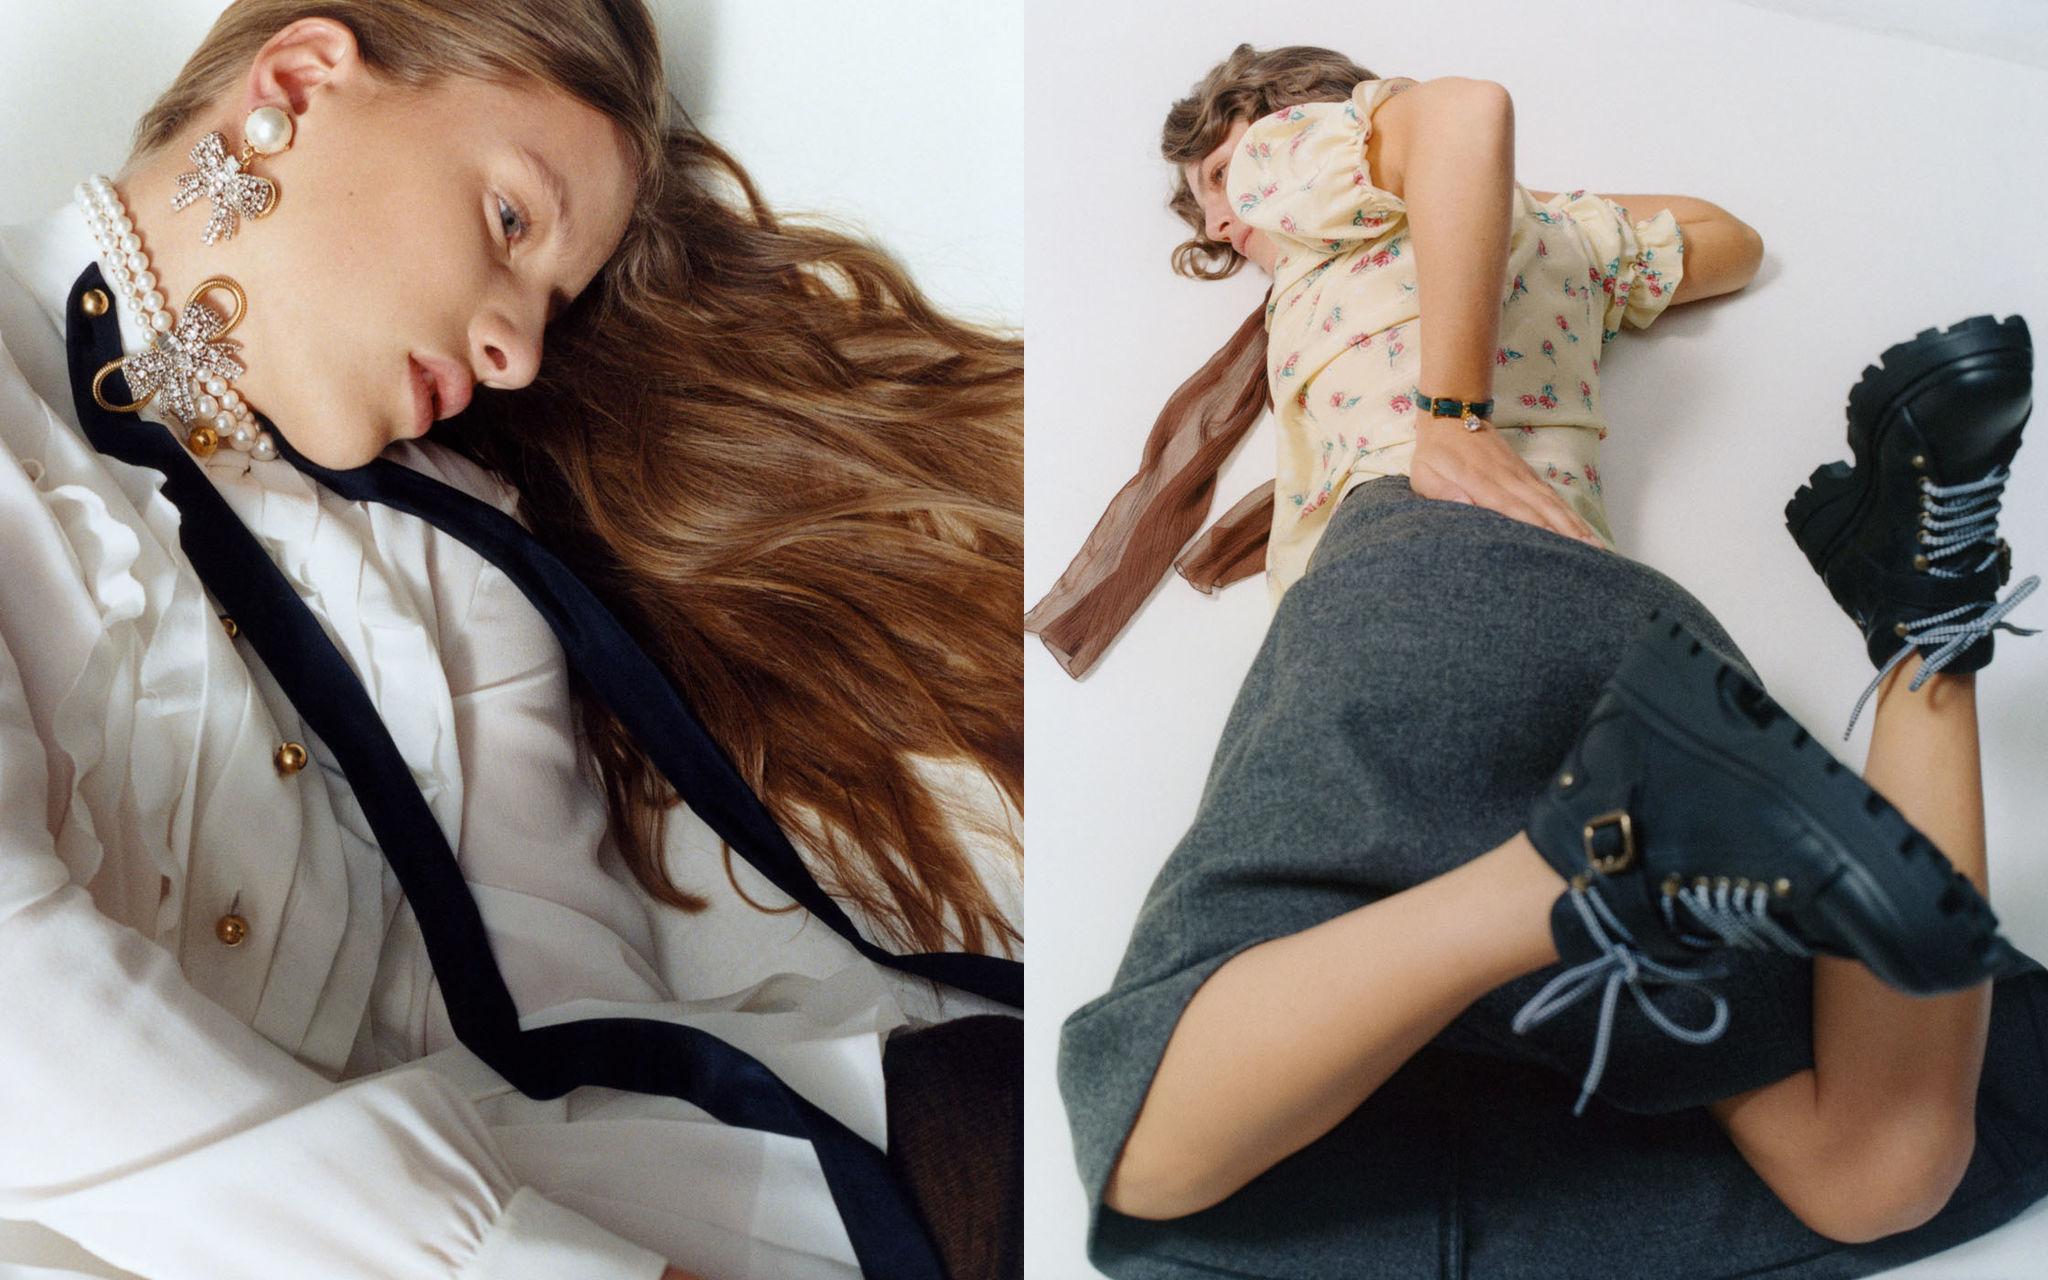 Miu Miu Shift Viewpoints Project by Lotta Volkova & Senta Simond